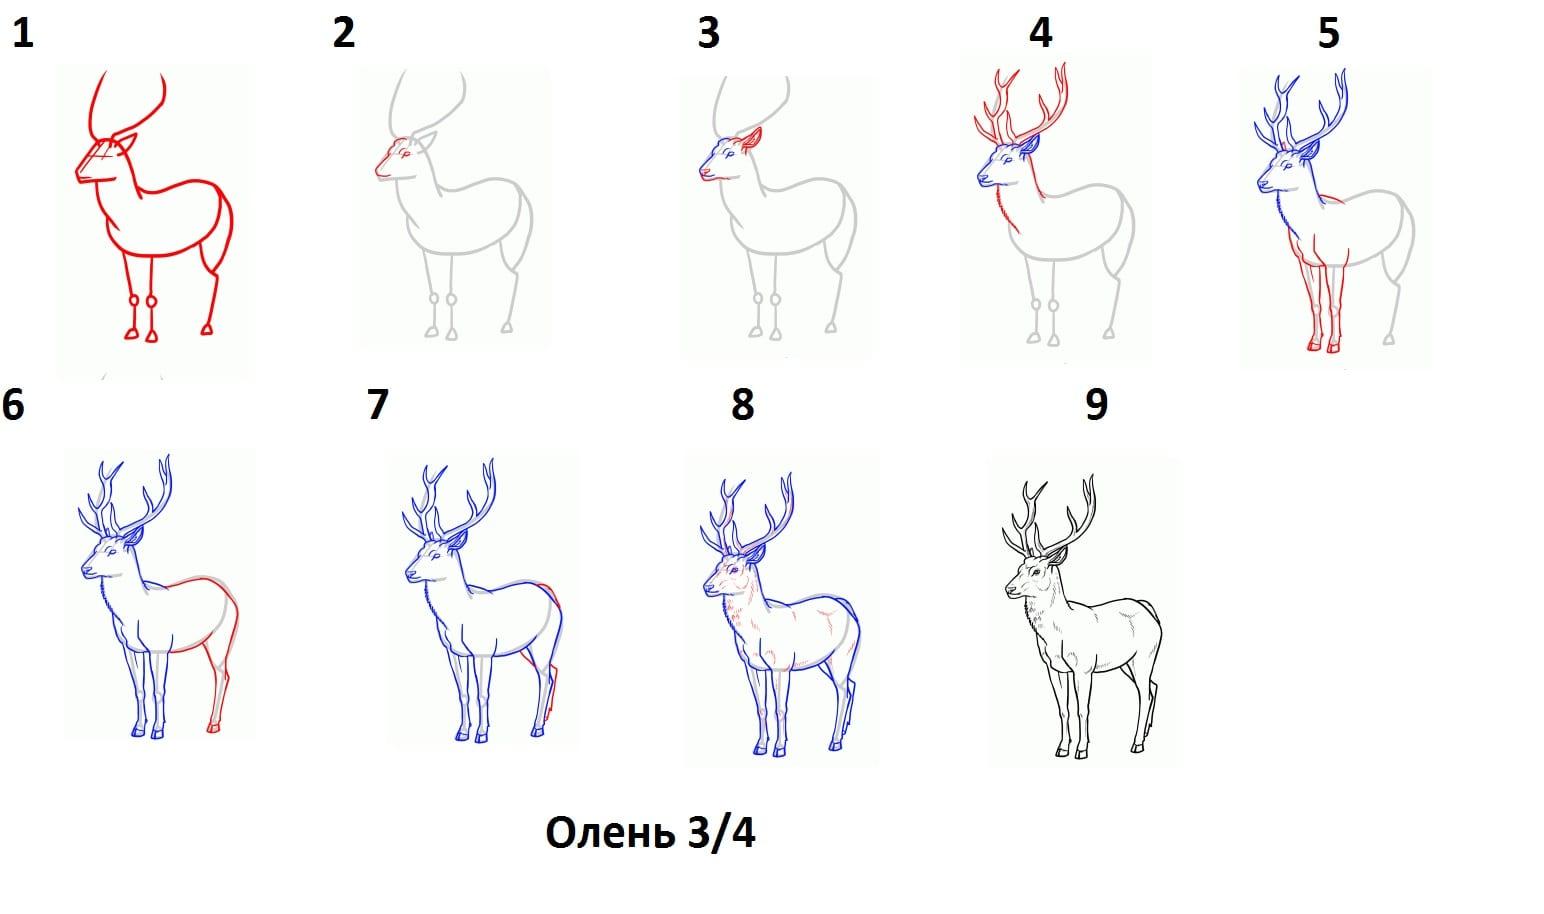 -стоит-боком Как нарисовать оленя поэтапно